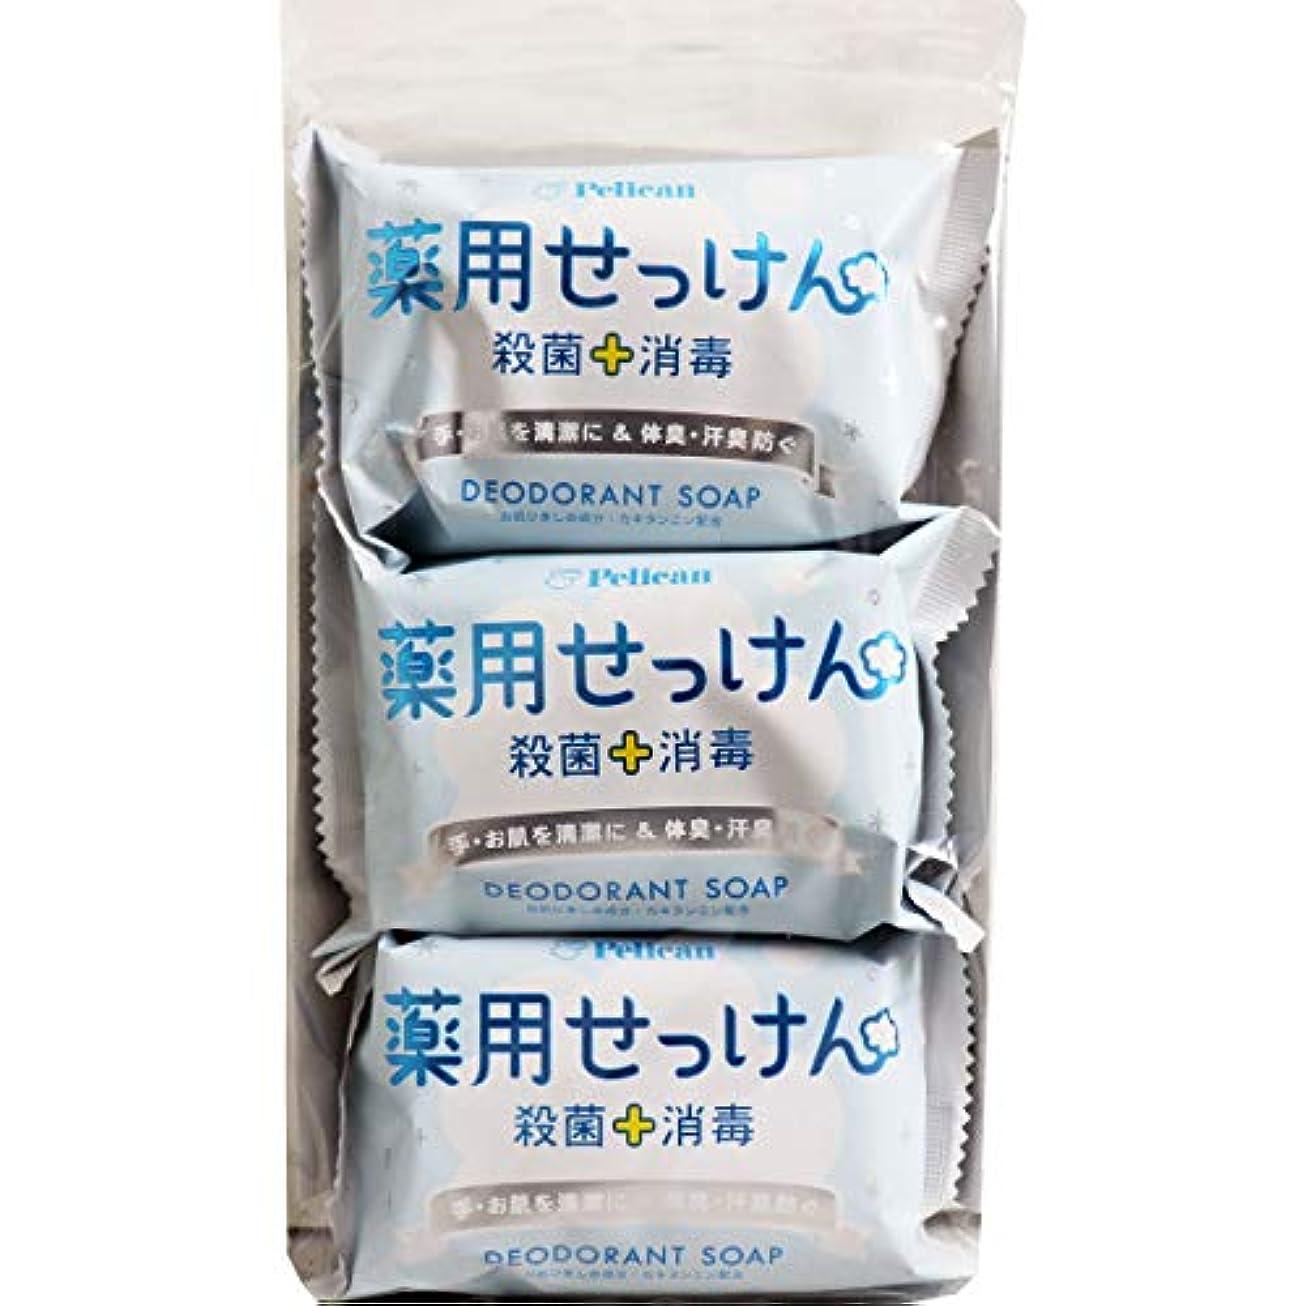 ペリカン石鹸 薬用石けん 85g×3個×4パック